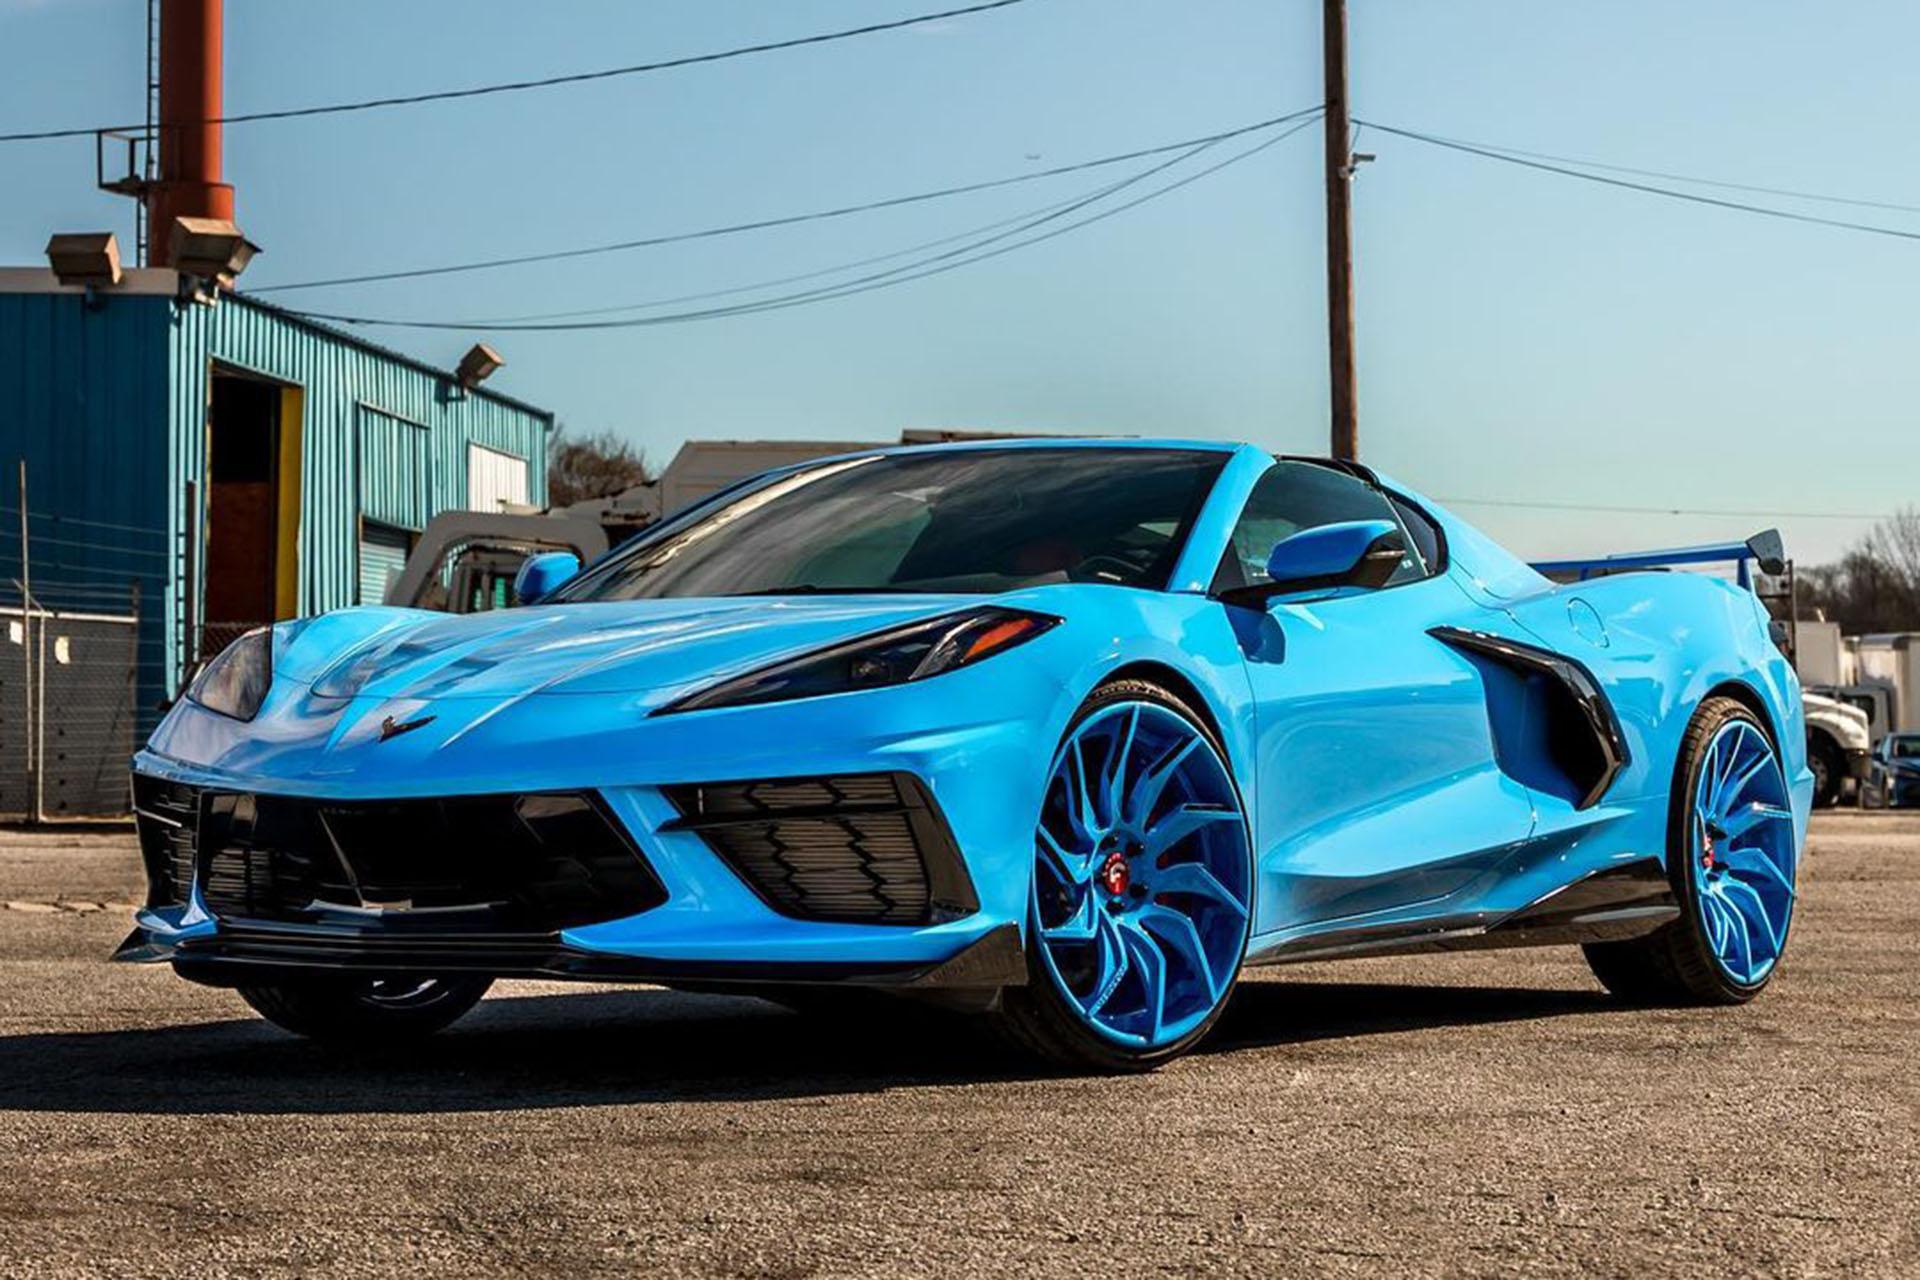 В палитре цветов среднемоторного Corvette C8 одним из наиболее желанных является «стремительный синий» (Rapid Blue). Владельцу экземпляра на видео оттенок приглянулся настолько, что он потрудился оформить в нём и диски, и салон.